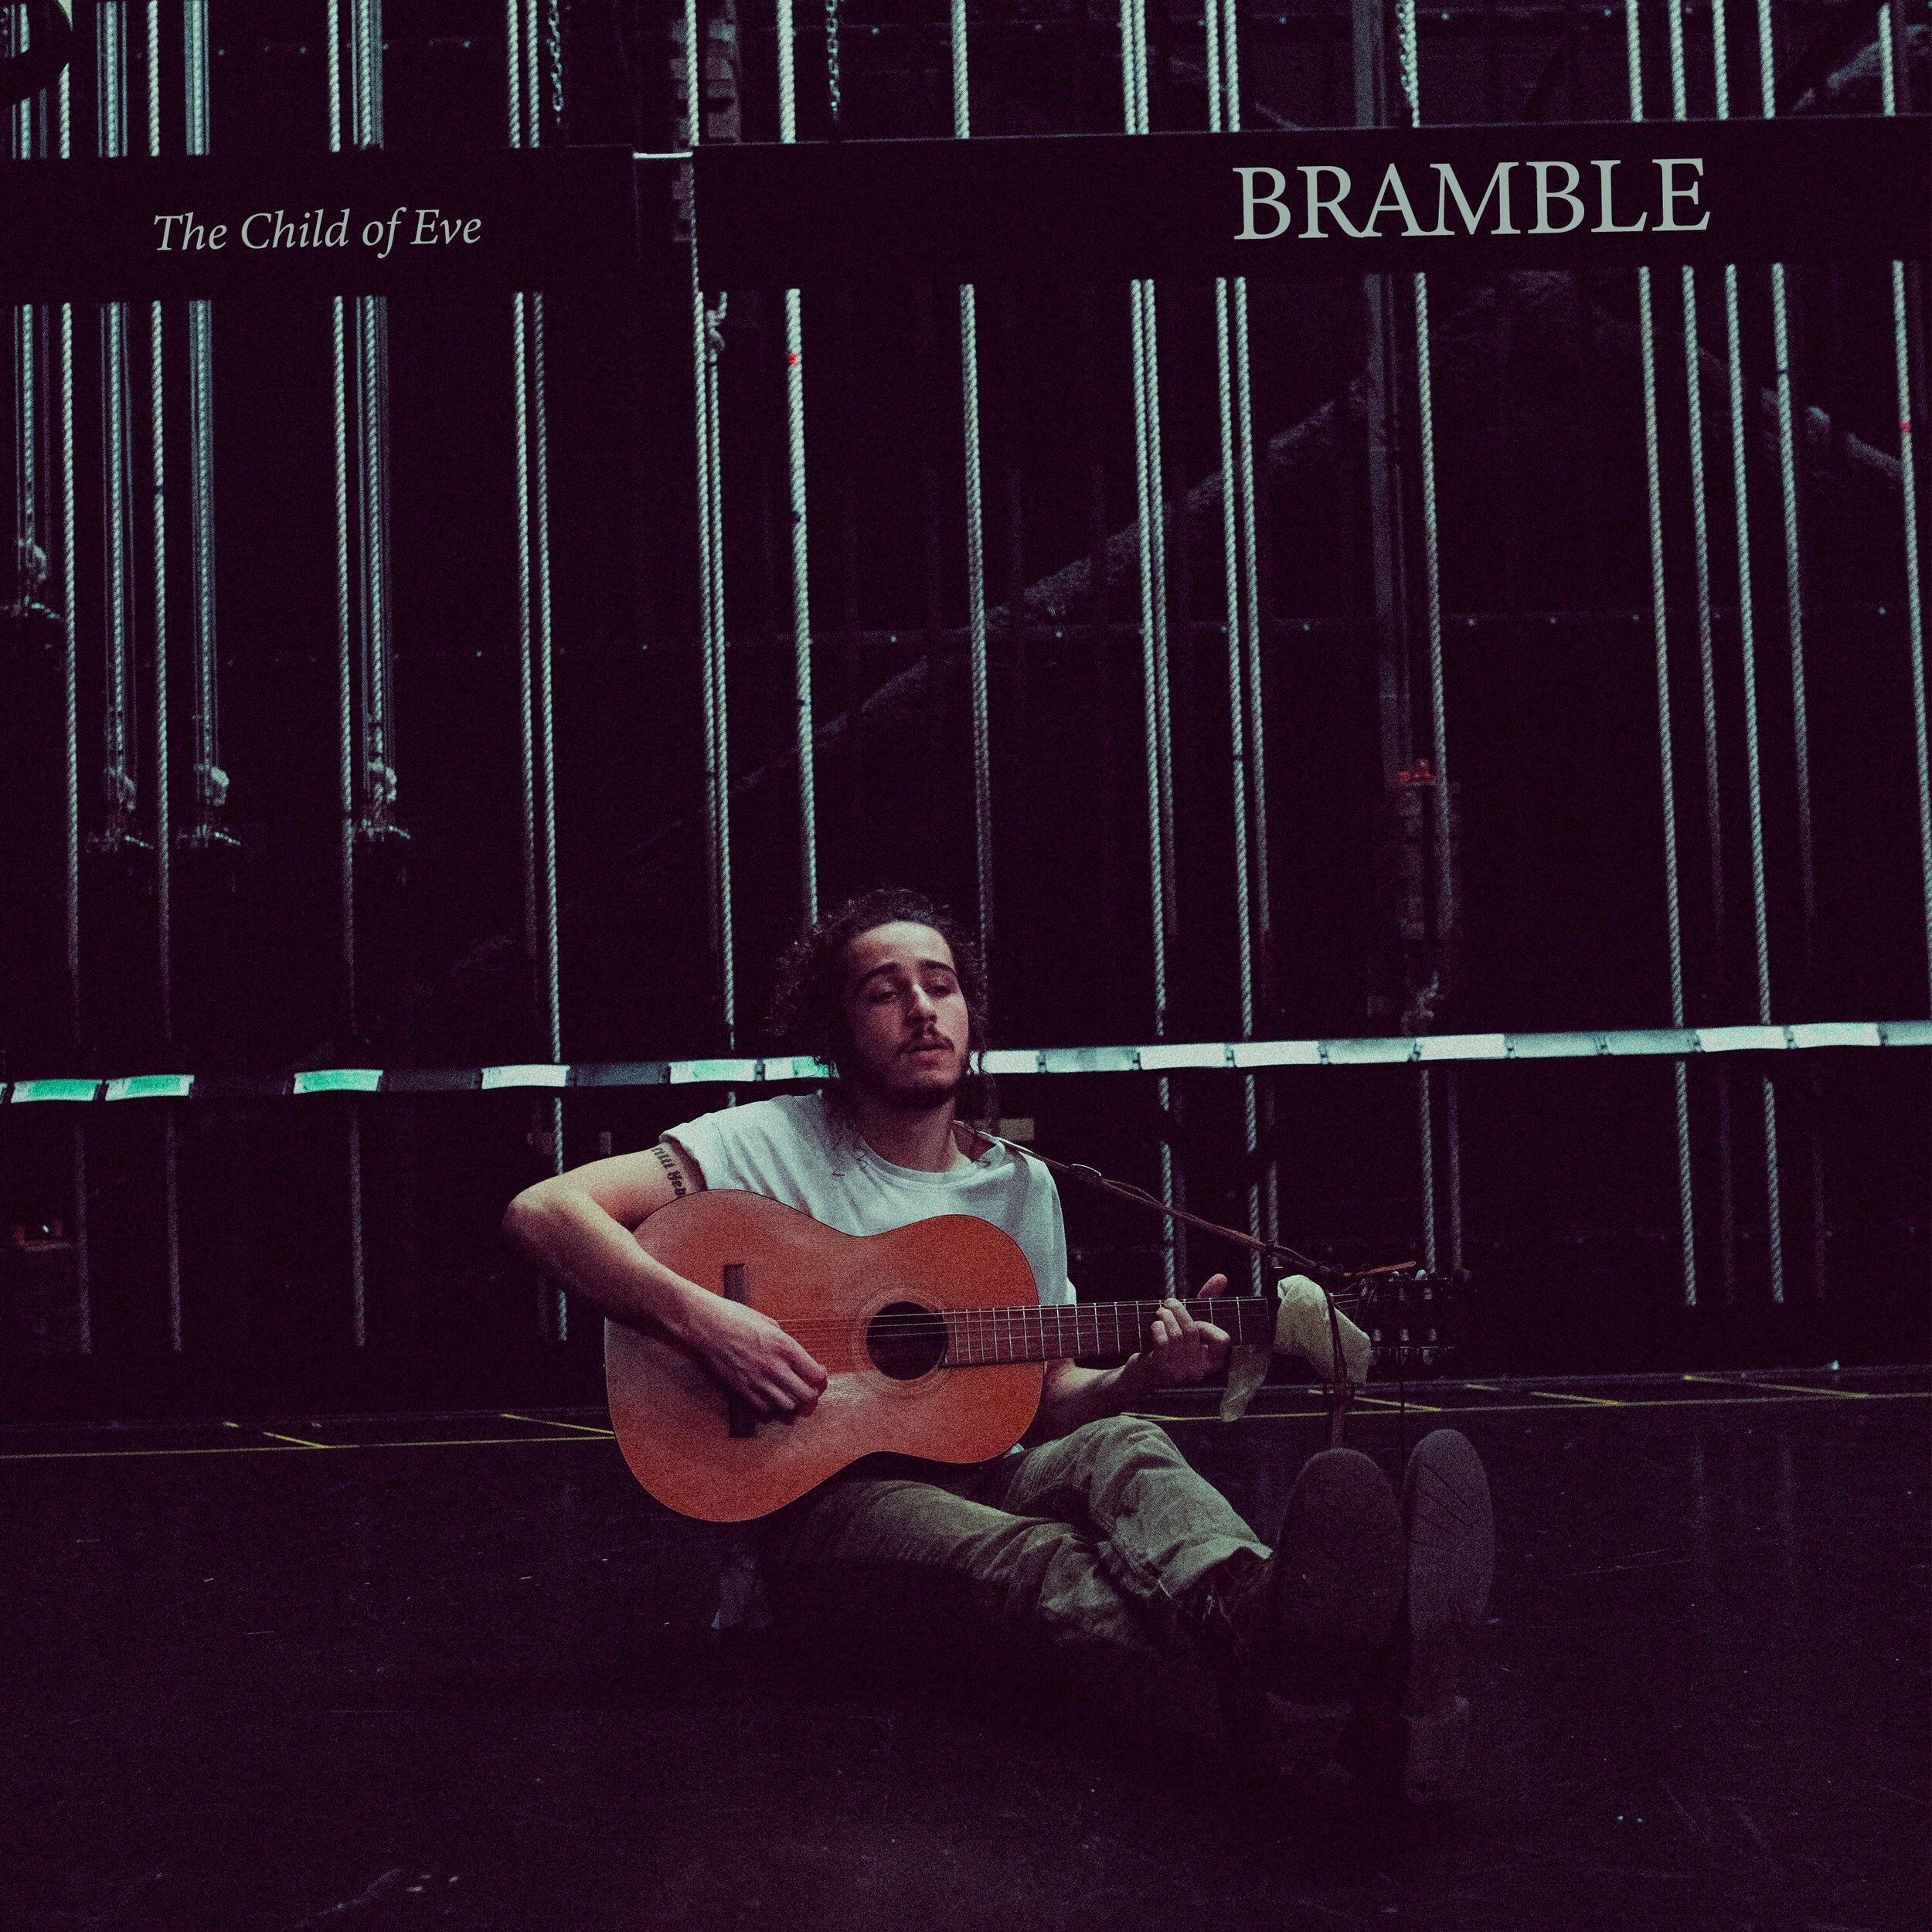 BrambleAlbumFront2.jpeg